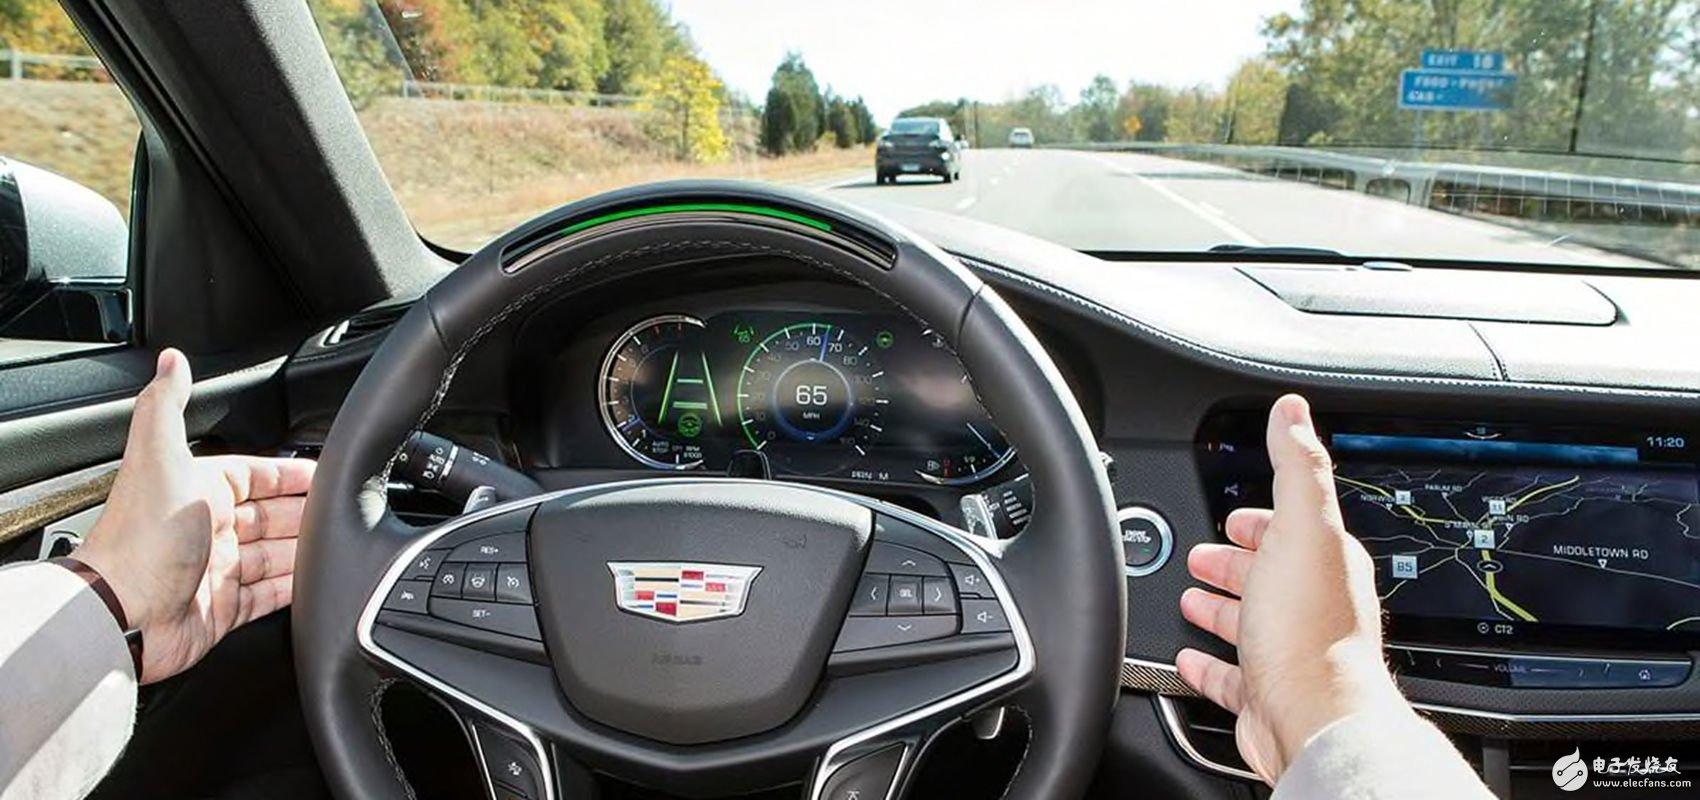 自动驾驶时代的前夜  巡航功能技术的变迁